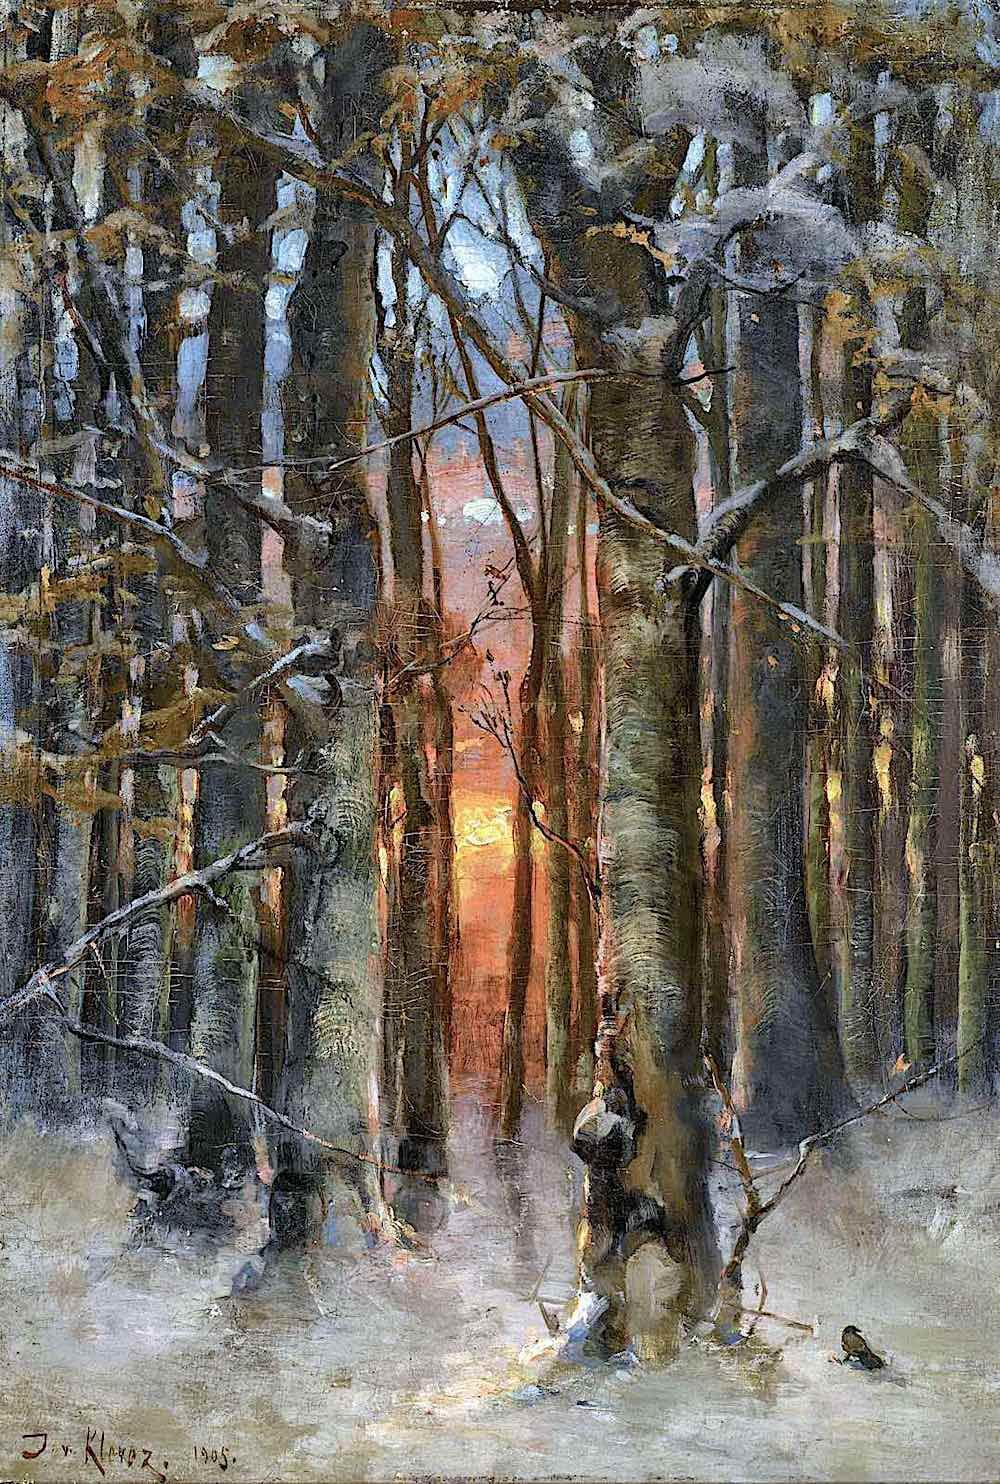 Julius von Klever art, a winter forest with sun through trees